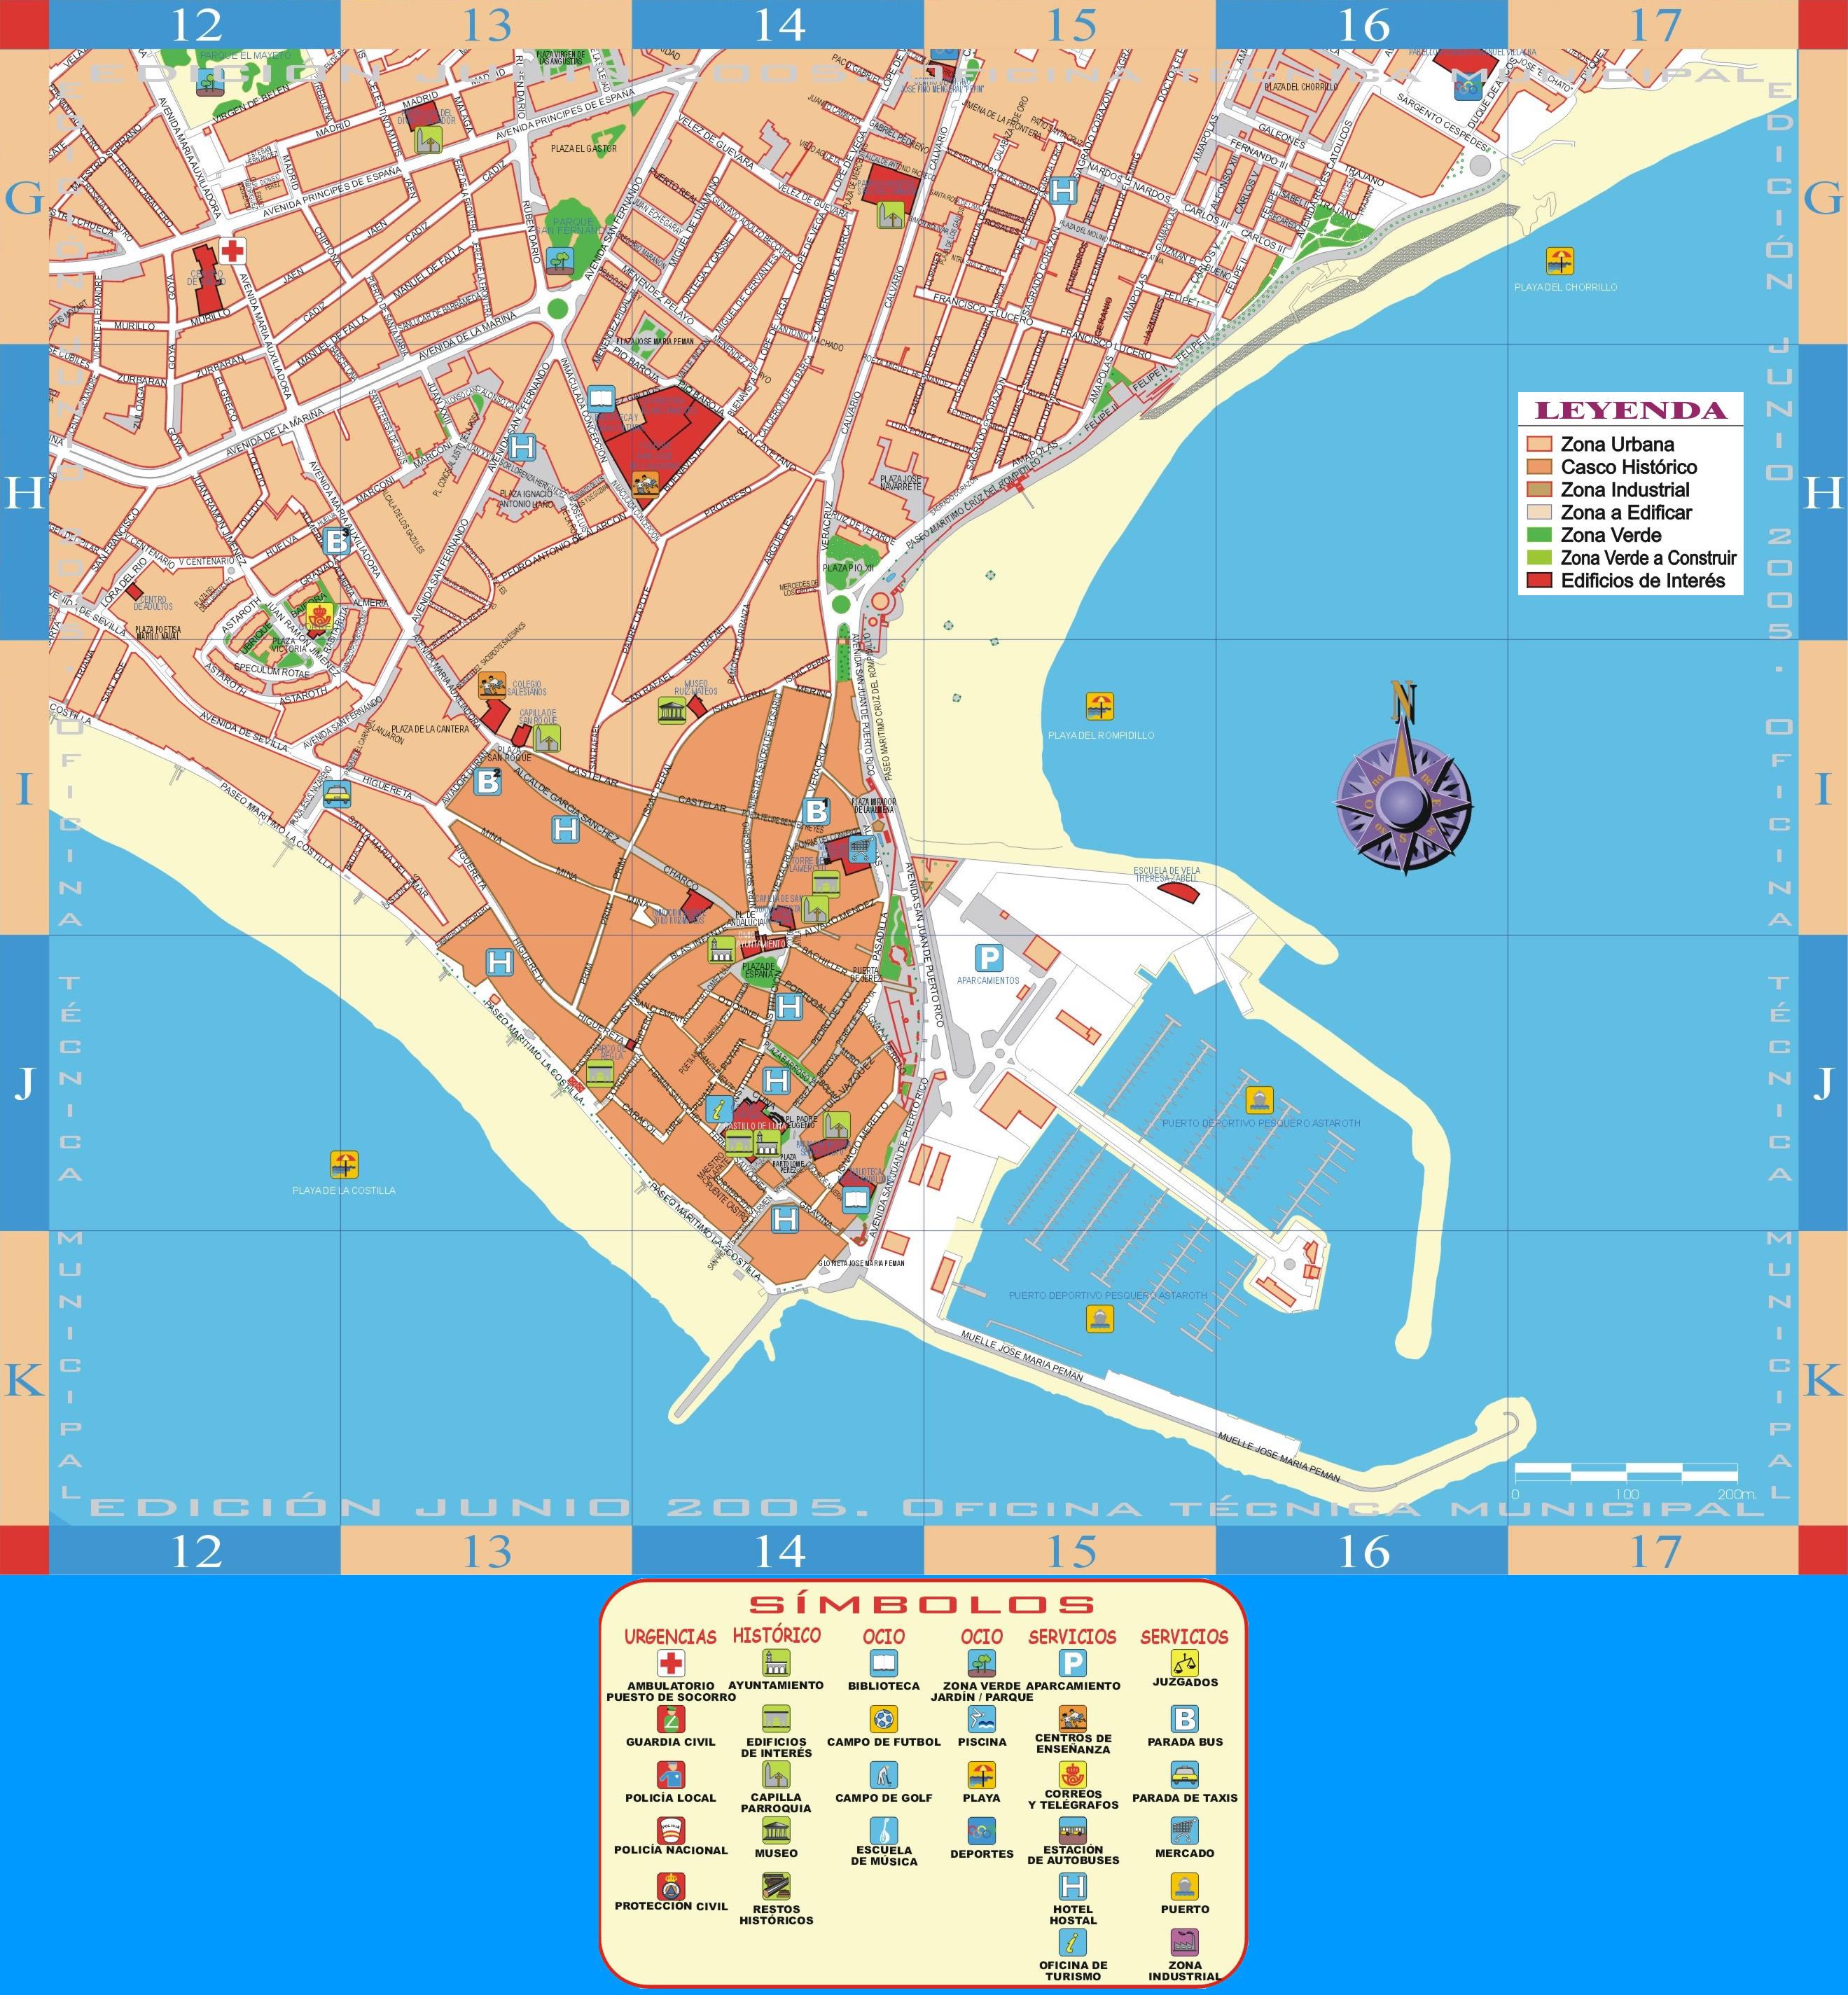 Mapa de Rota 2005 - parte 5